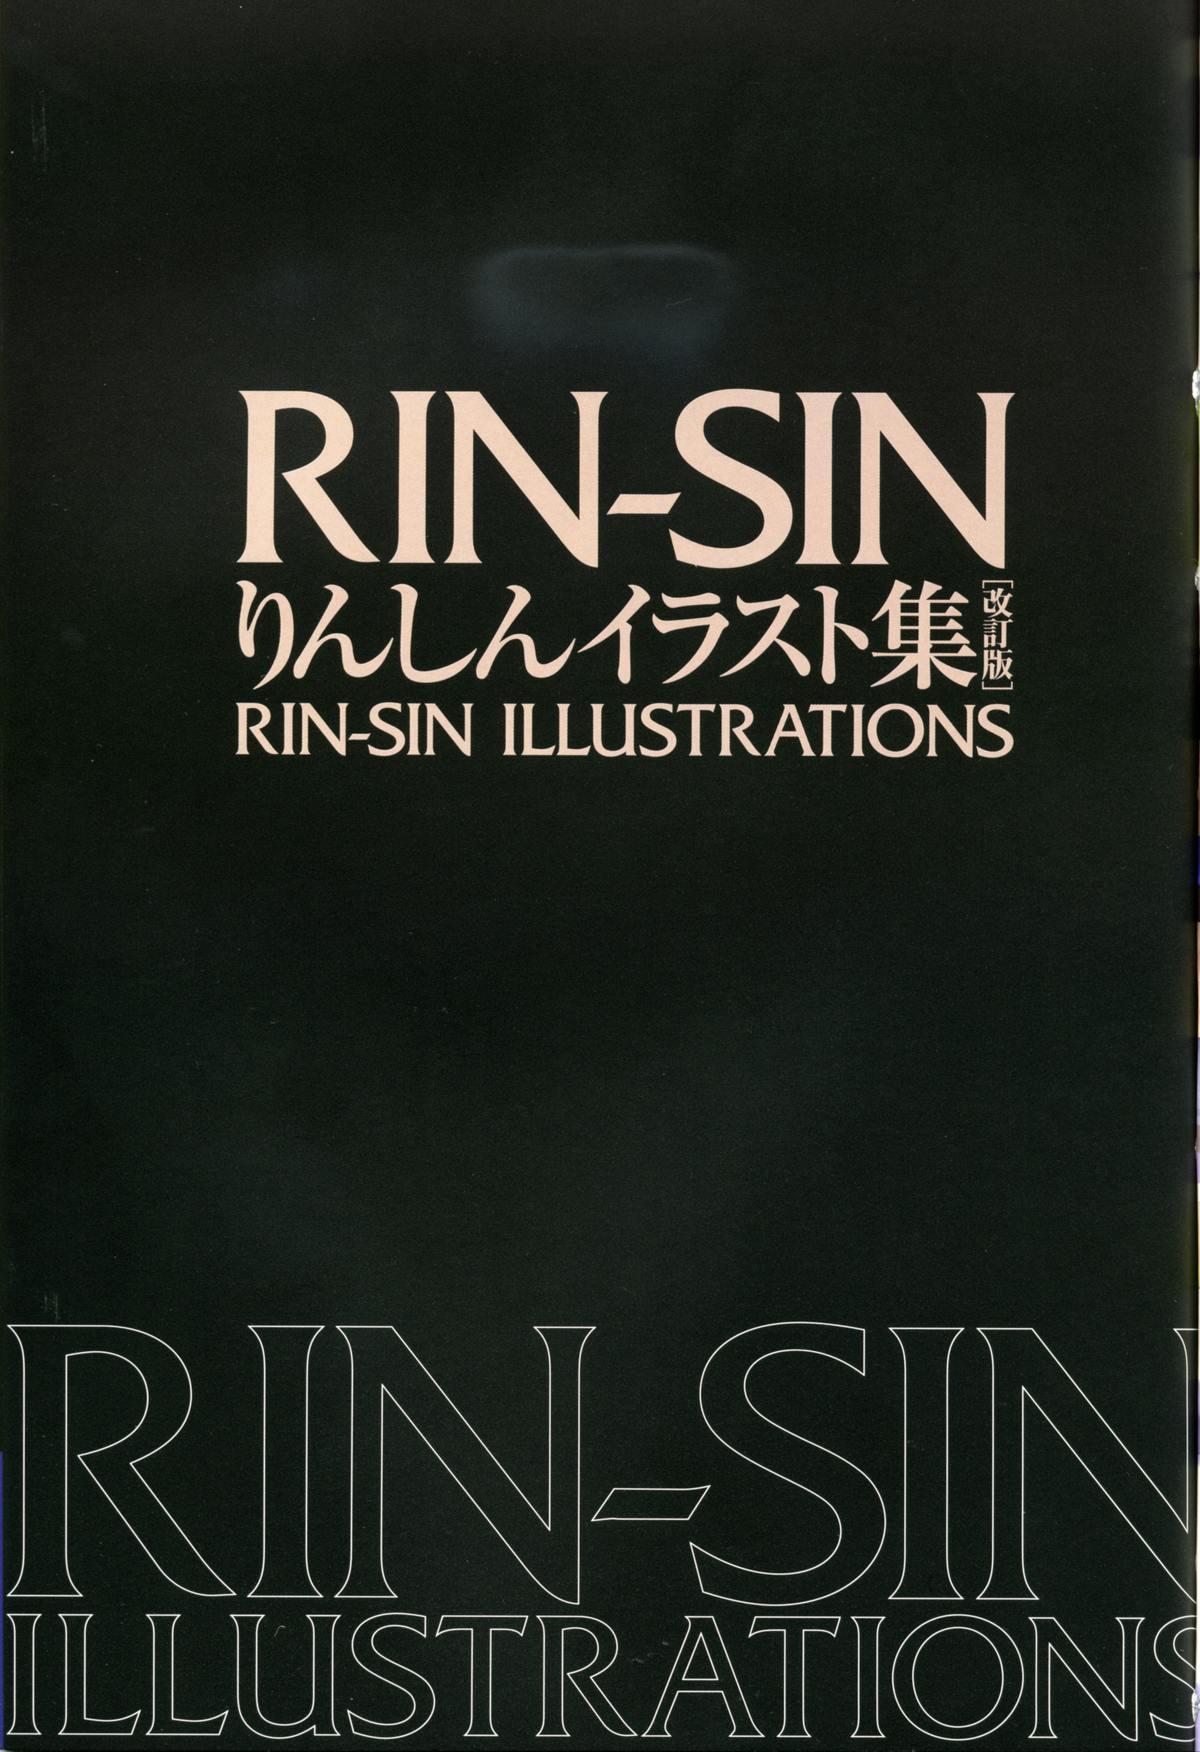 Rin Sin ILLUSTRATIONS 46